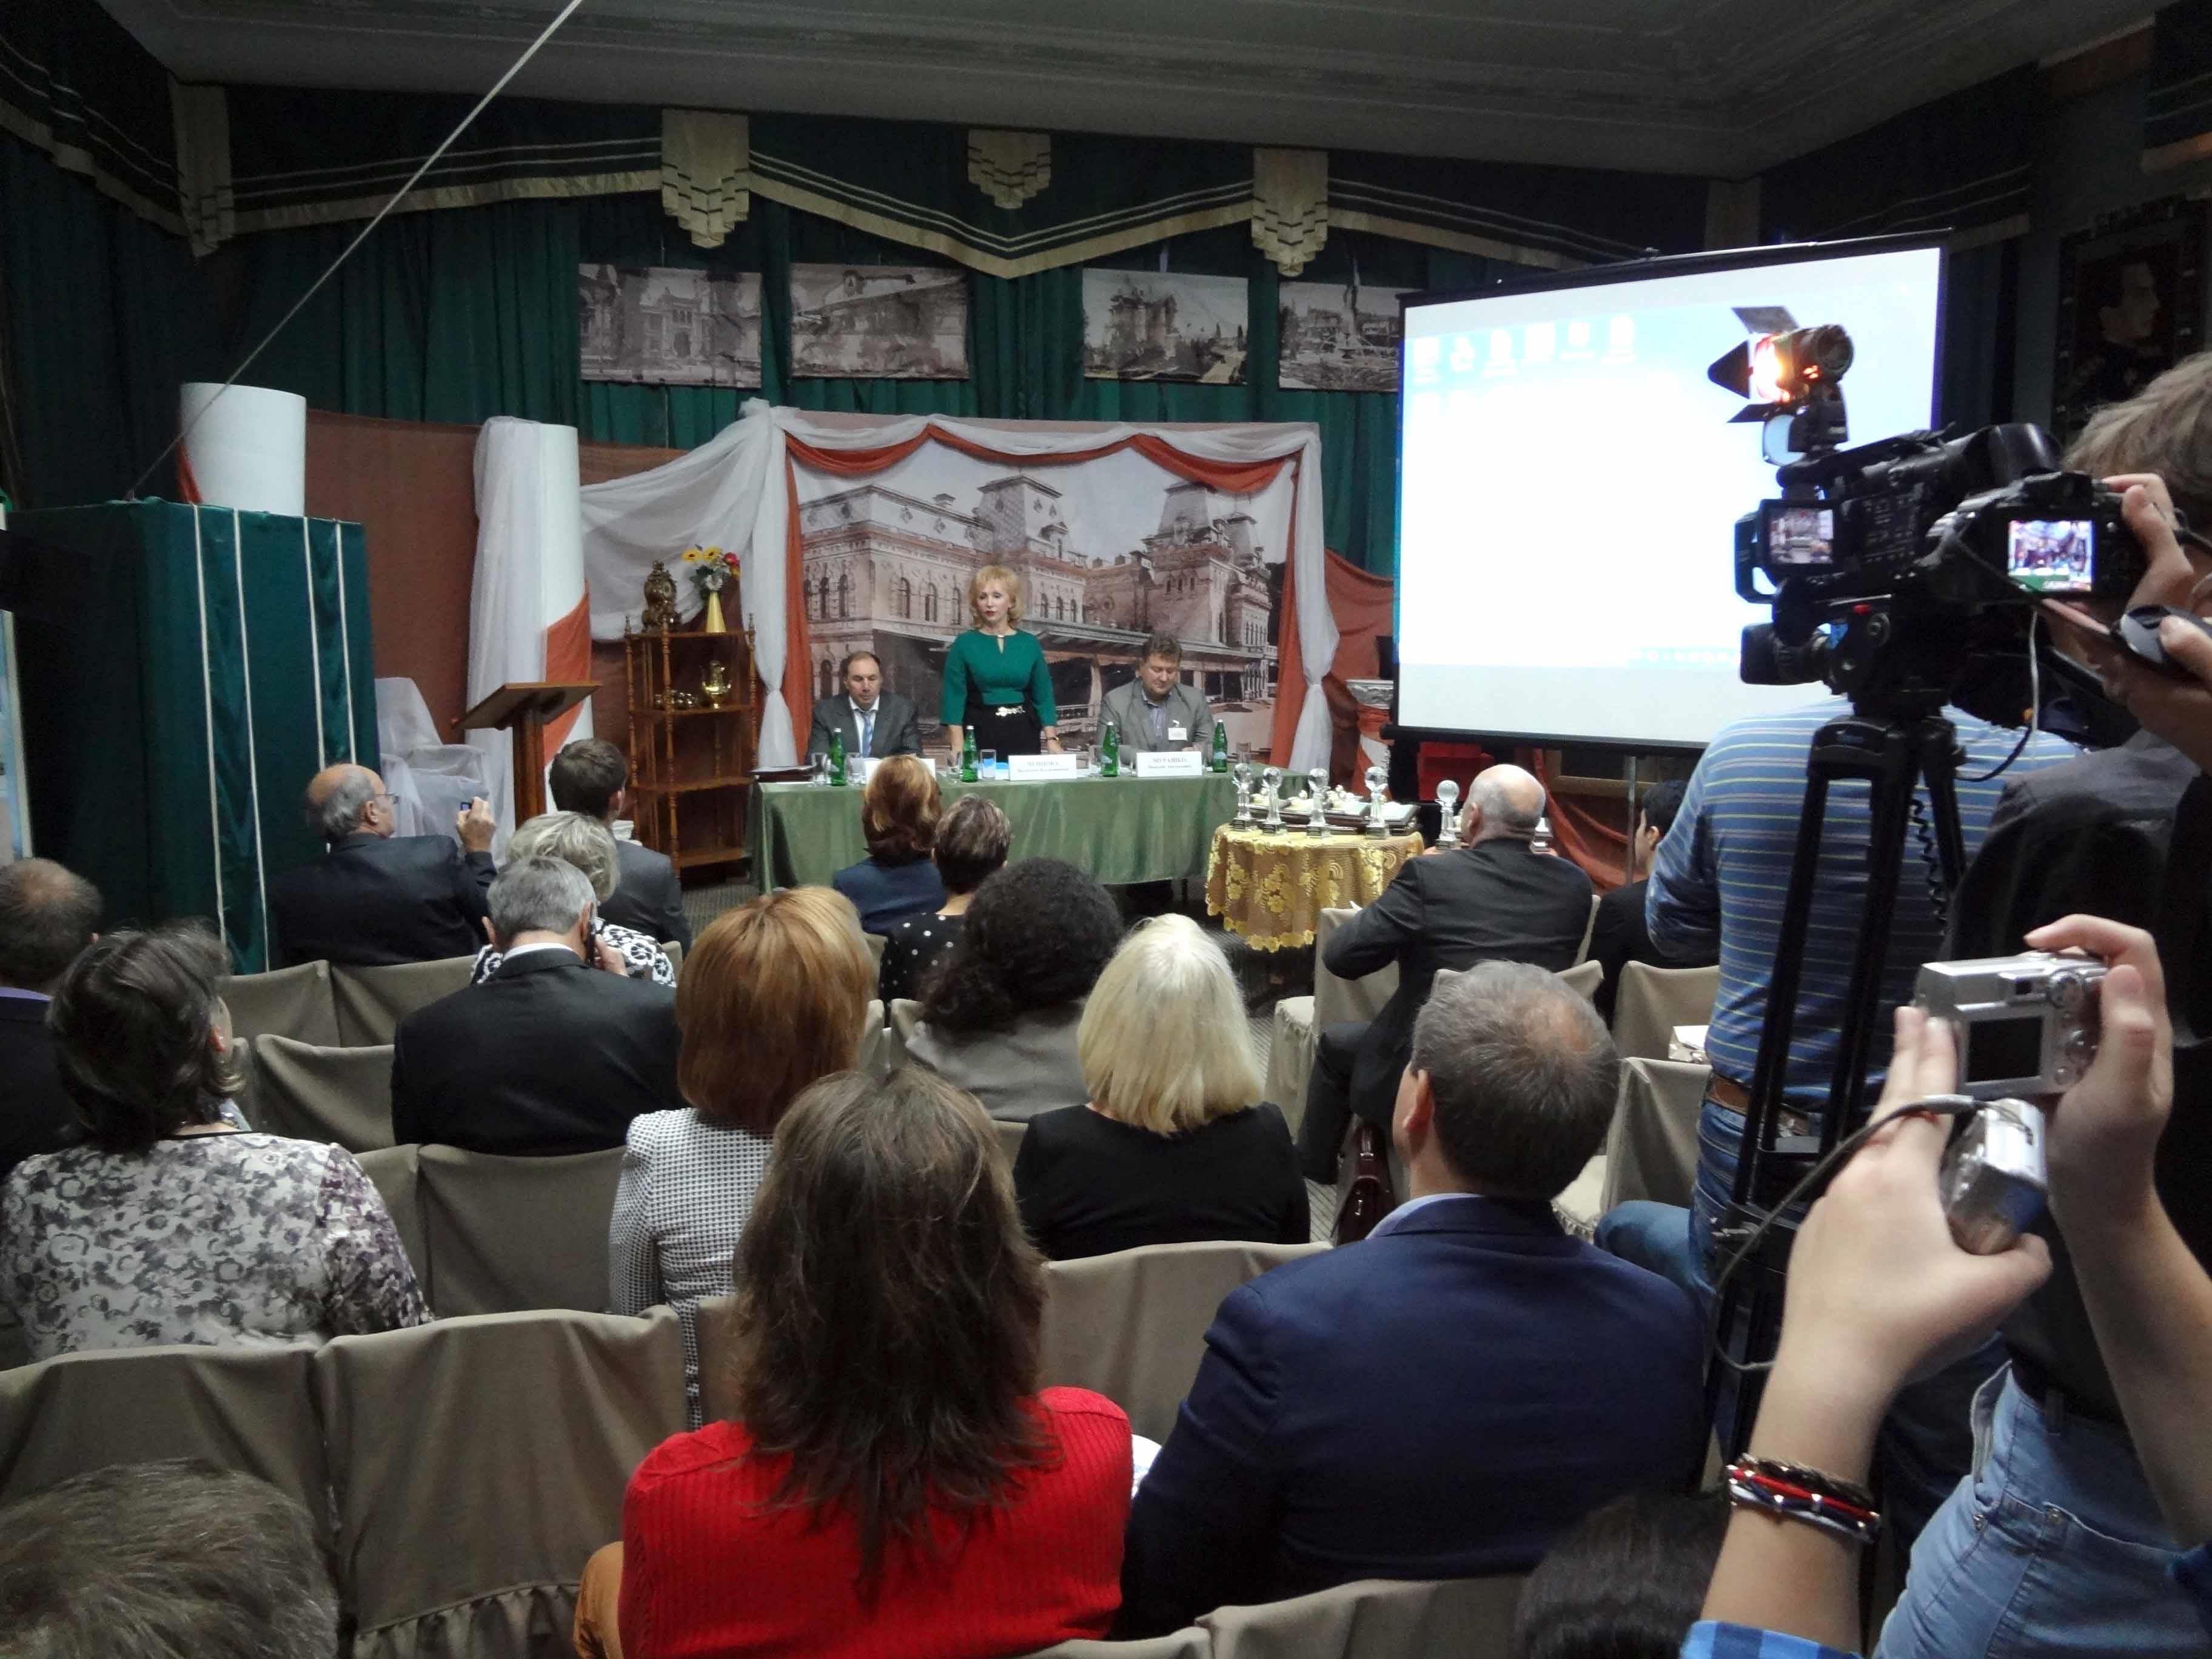 Г кисловодск театр благодать афиша билеты на концерт кассы киева